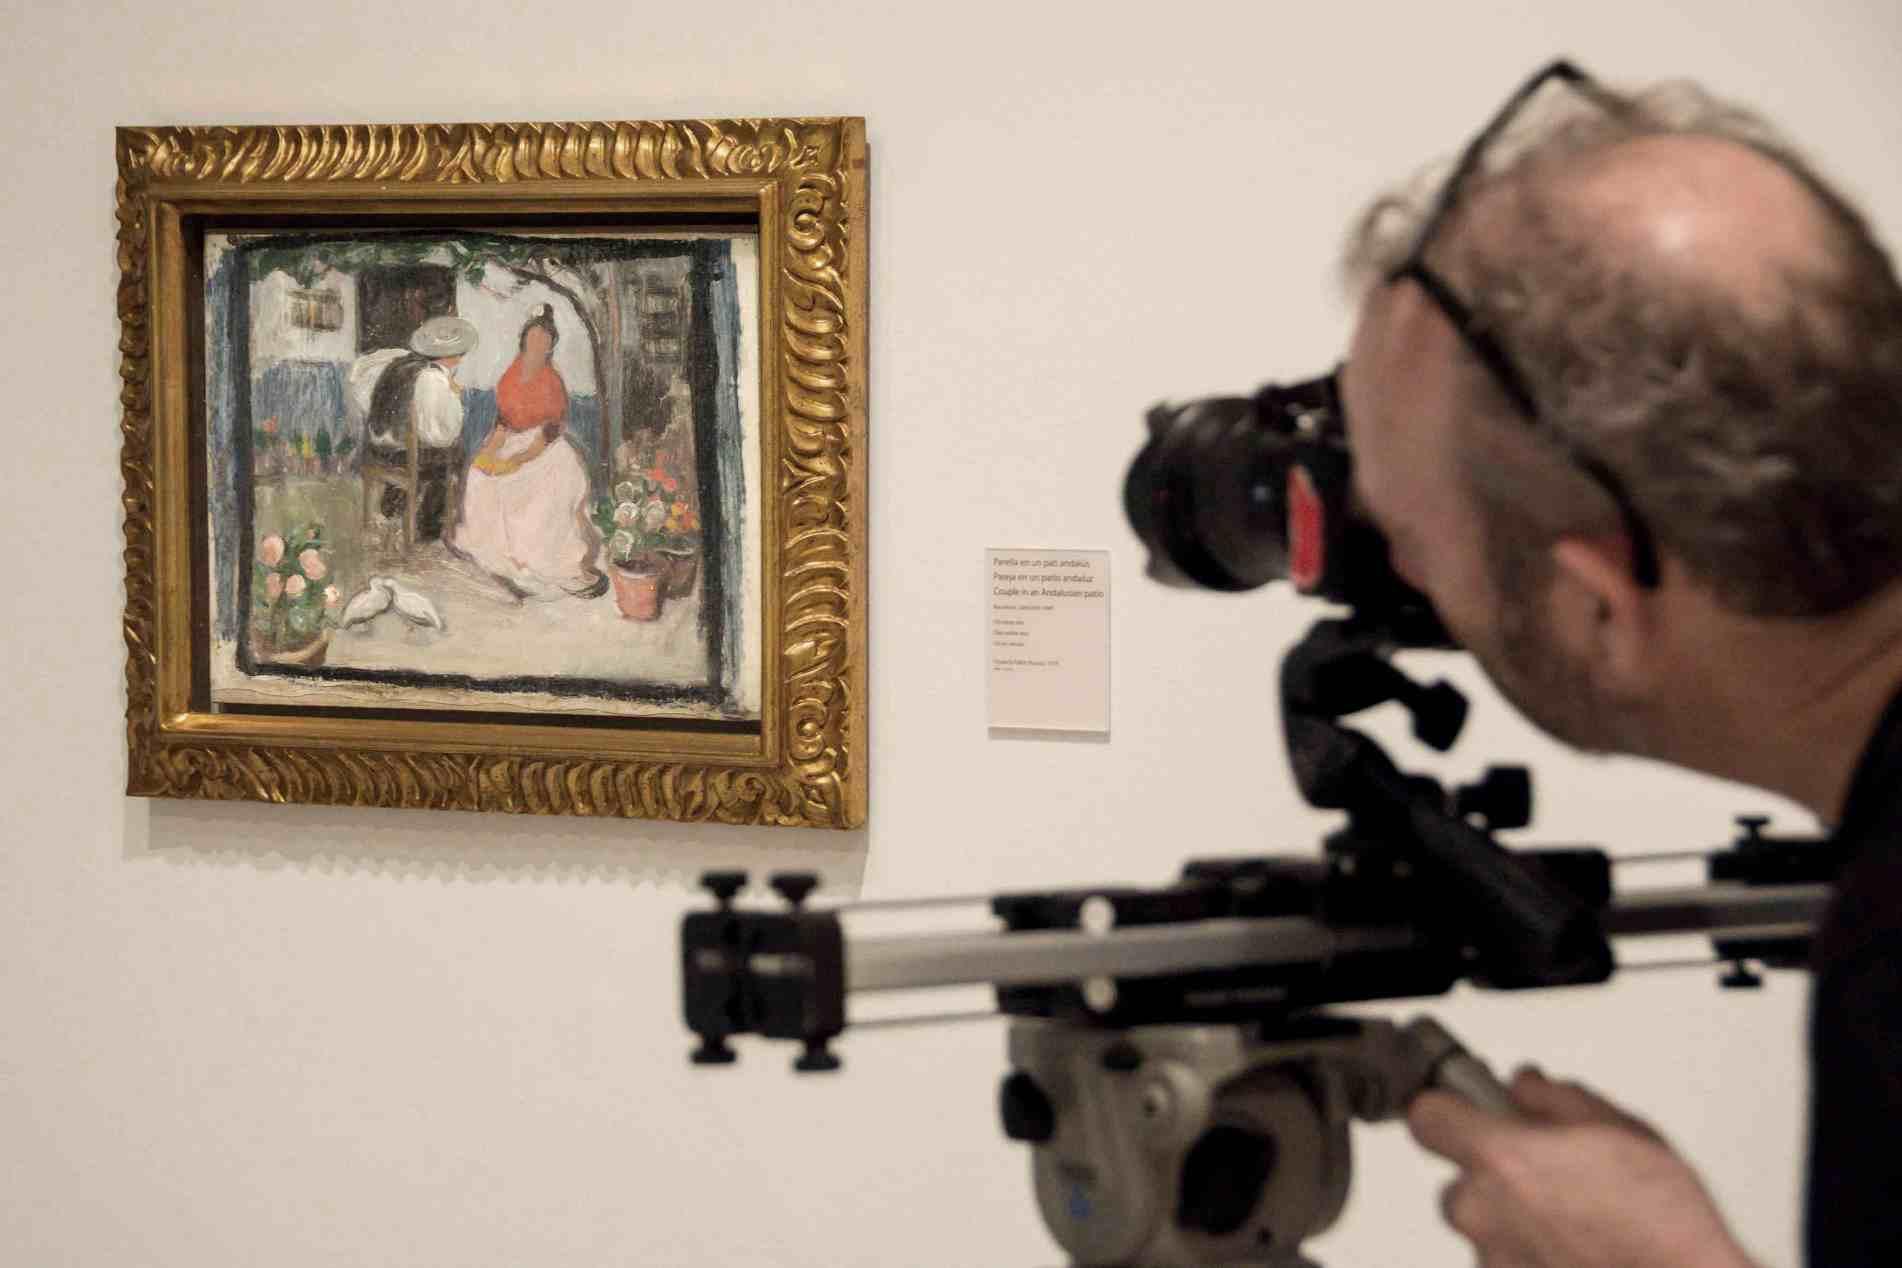 Il giovane Picasso: una delle opere del celebre pittore mentre viene ripresa